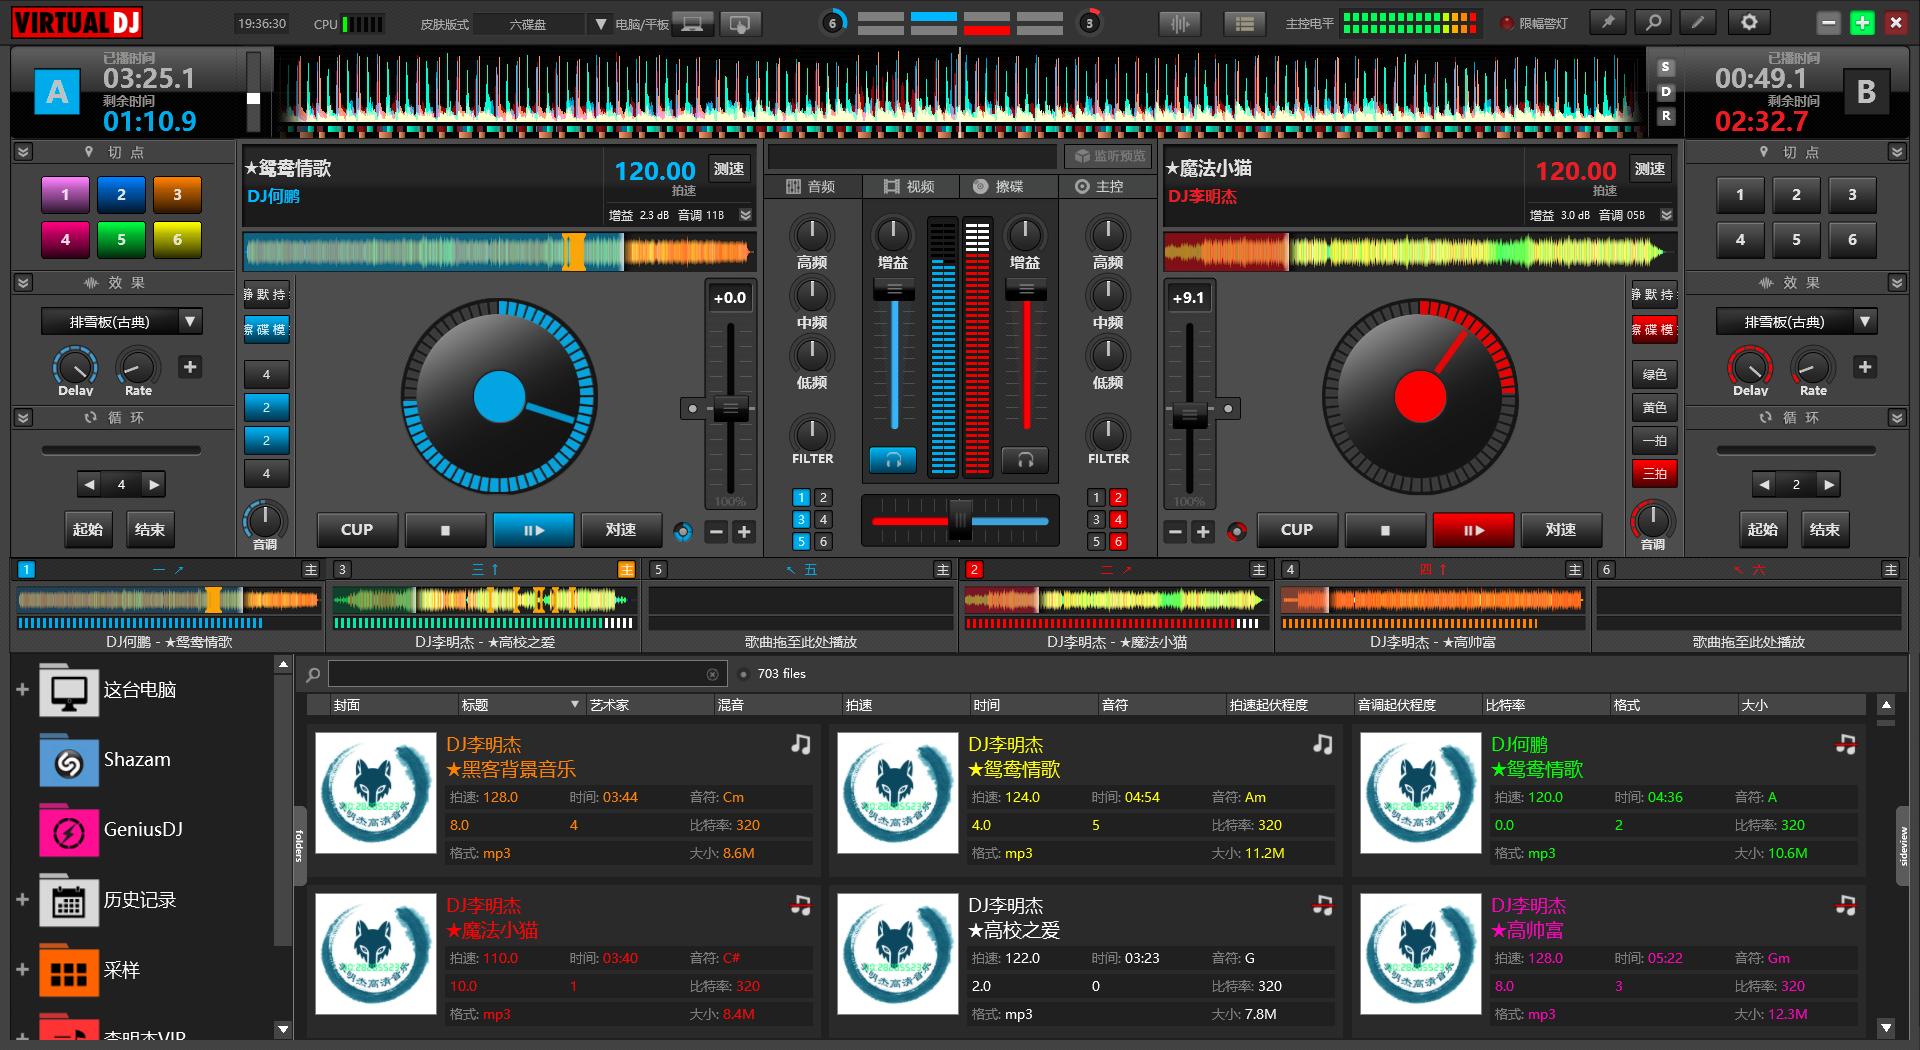 😝 Atomix virtual dj pro free download full version   Virtual DJ 8